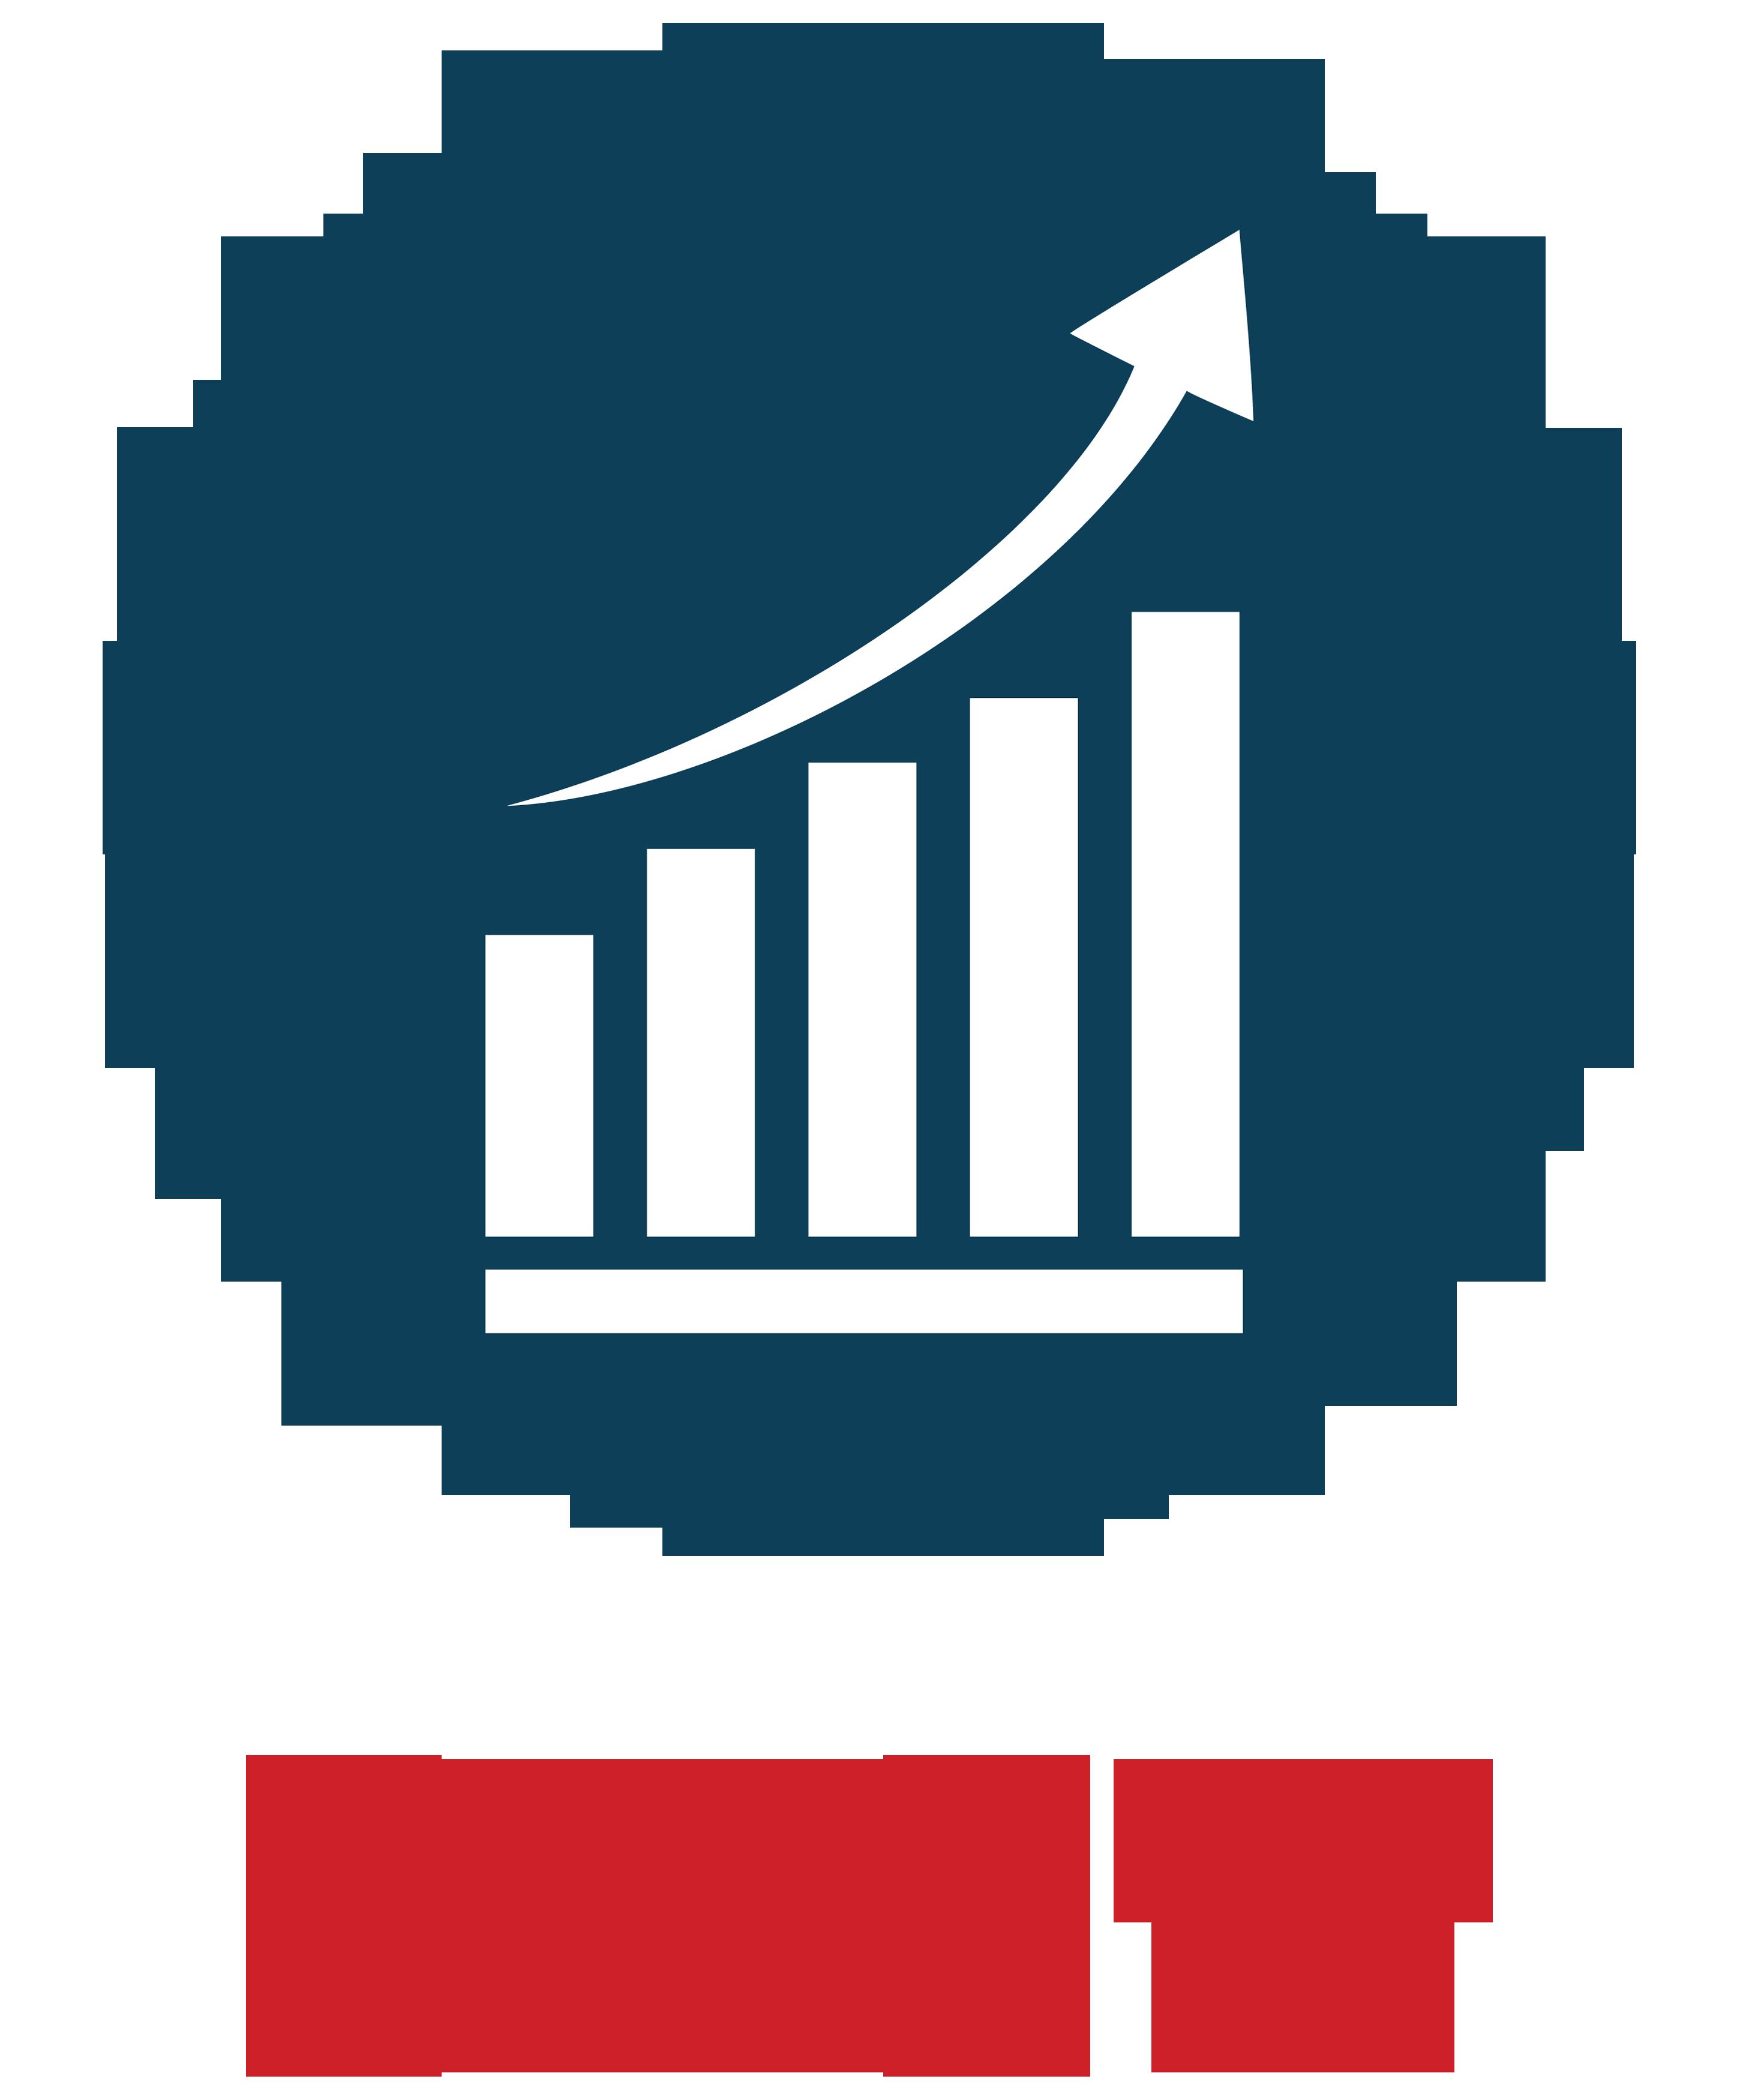 Grow Blairsville Union County Chamber of merce GA